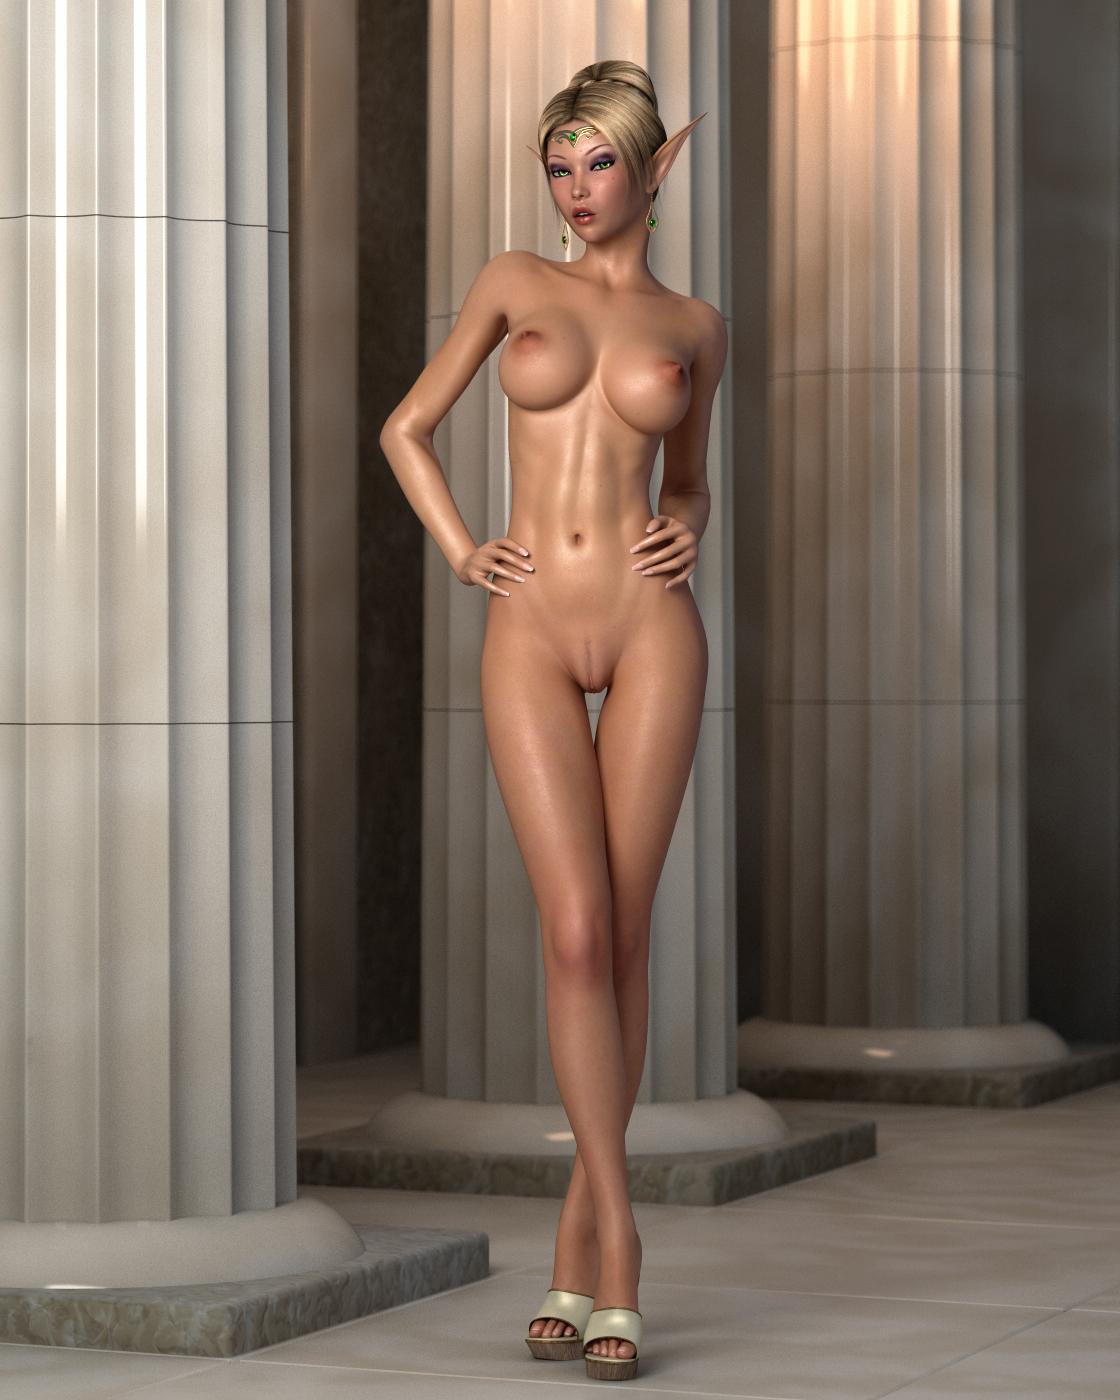 Foto cartoon porno picture pics fantasy elf  porncraft download